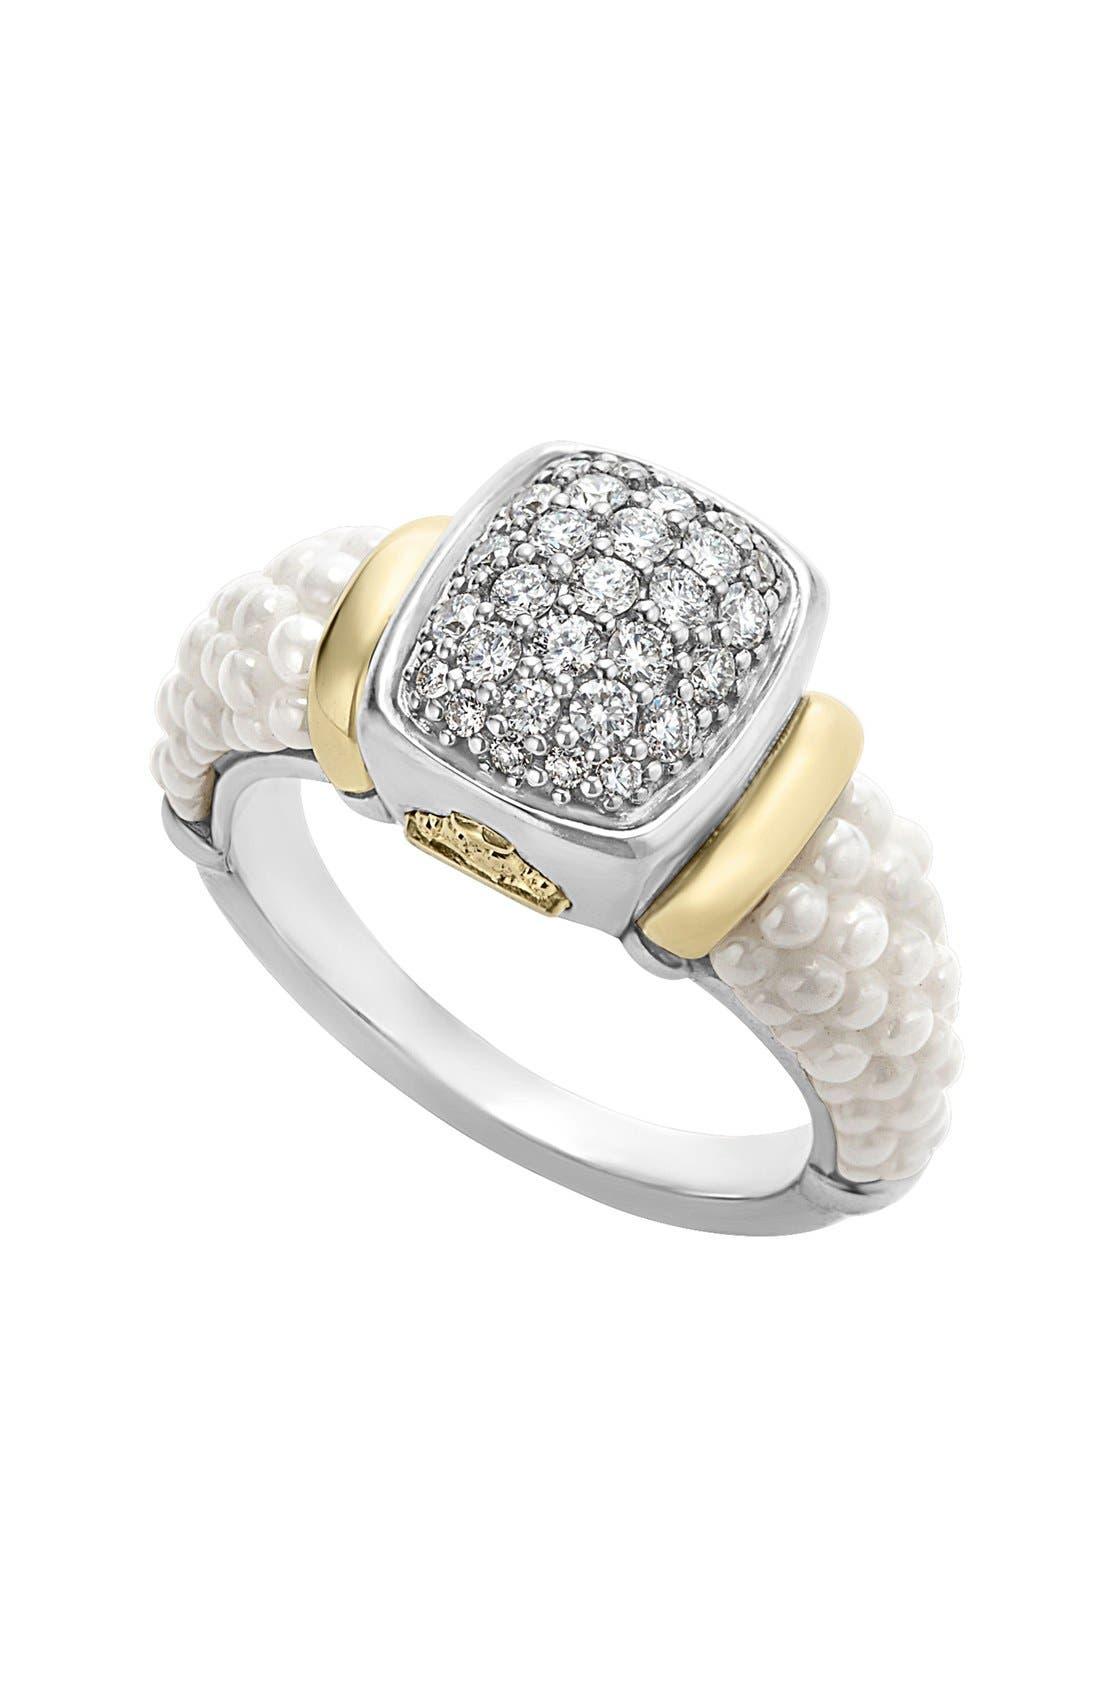 Main Image - LAGOS 'Caviar' Diamond Ring